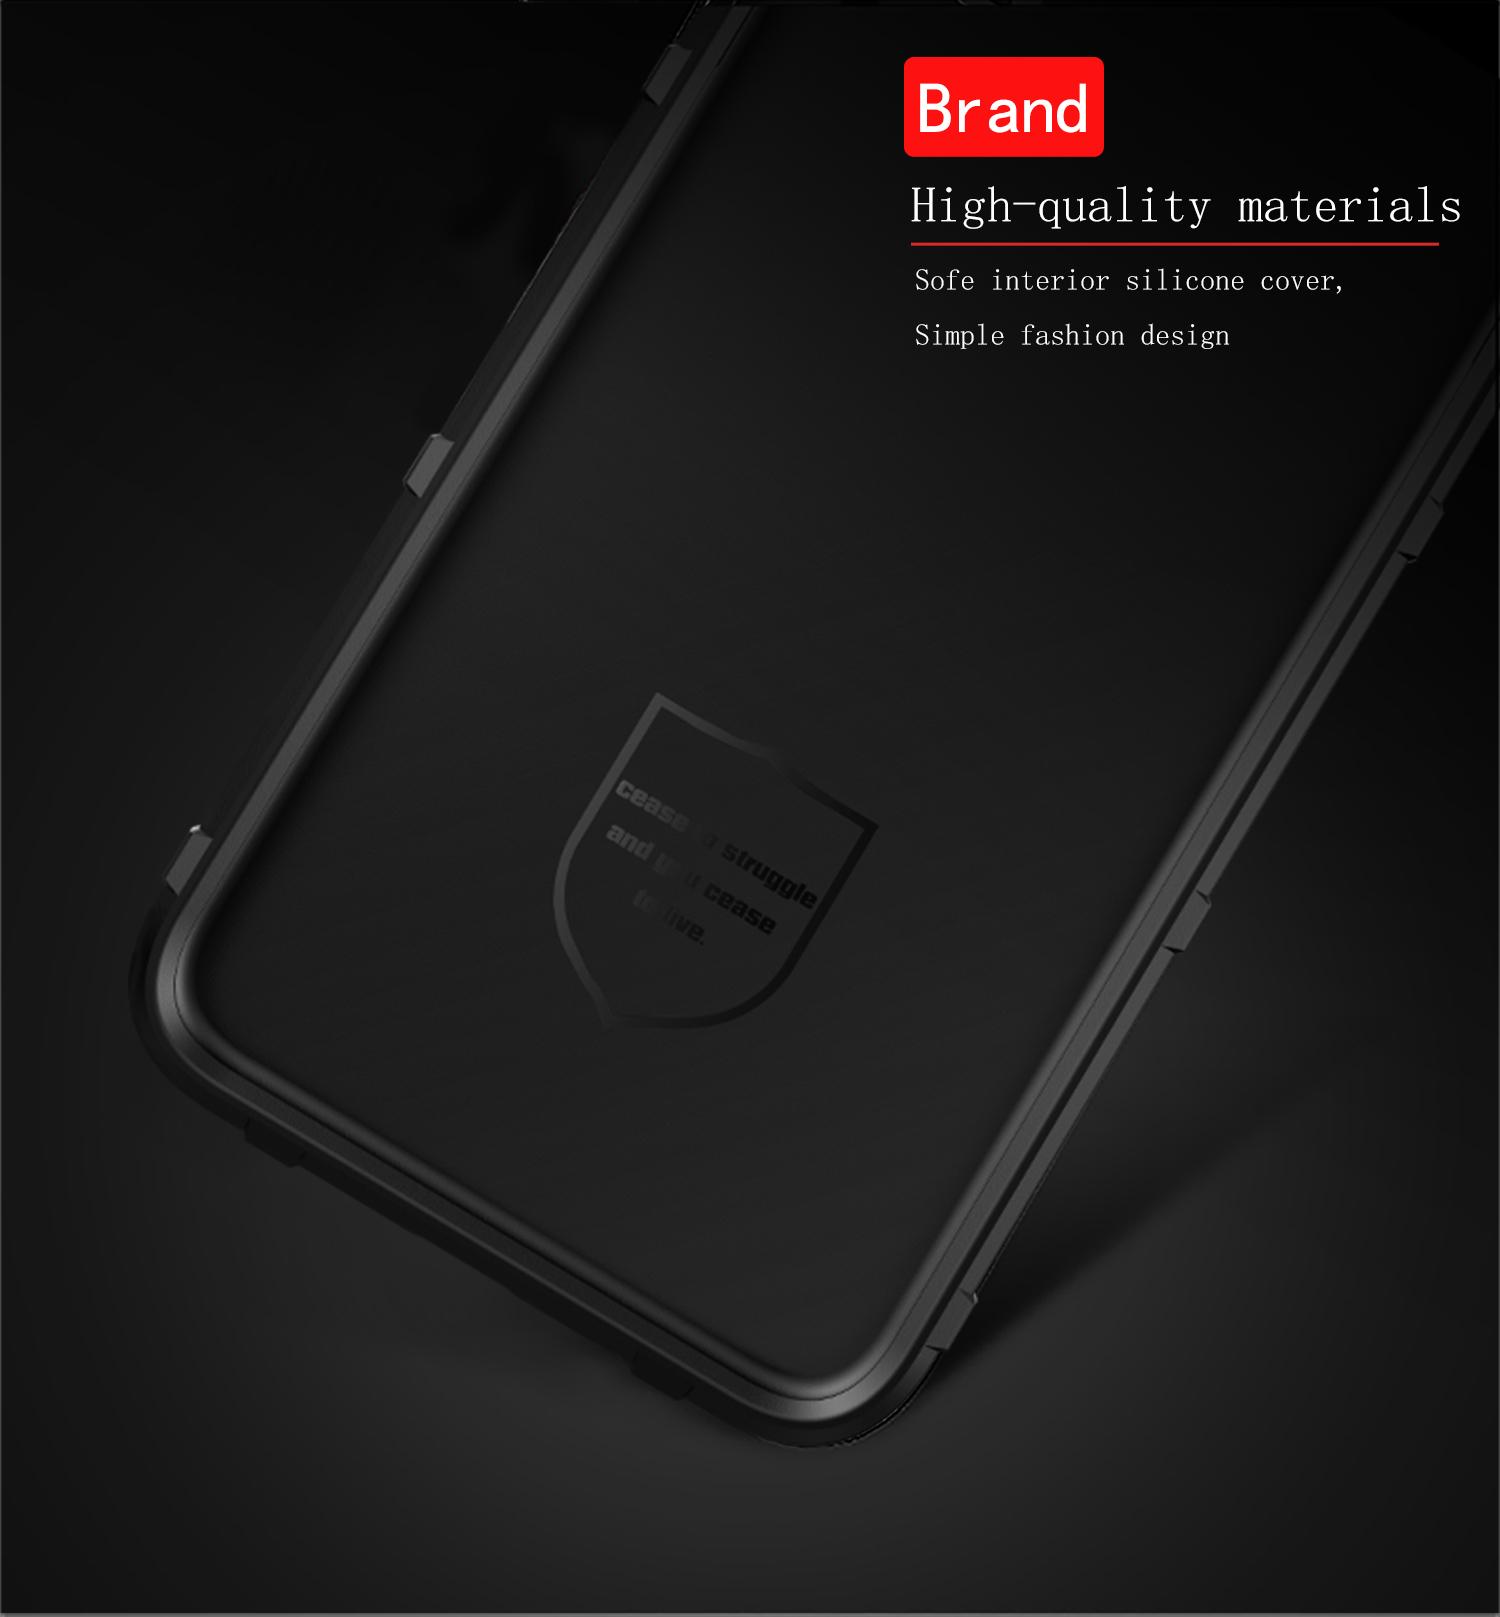 Чехол Samsung Galaxy A60 (Galaxy M40) цвет Black (черный), серия Armor, Caseport